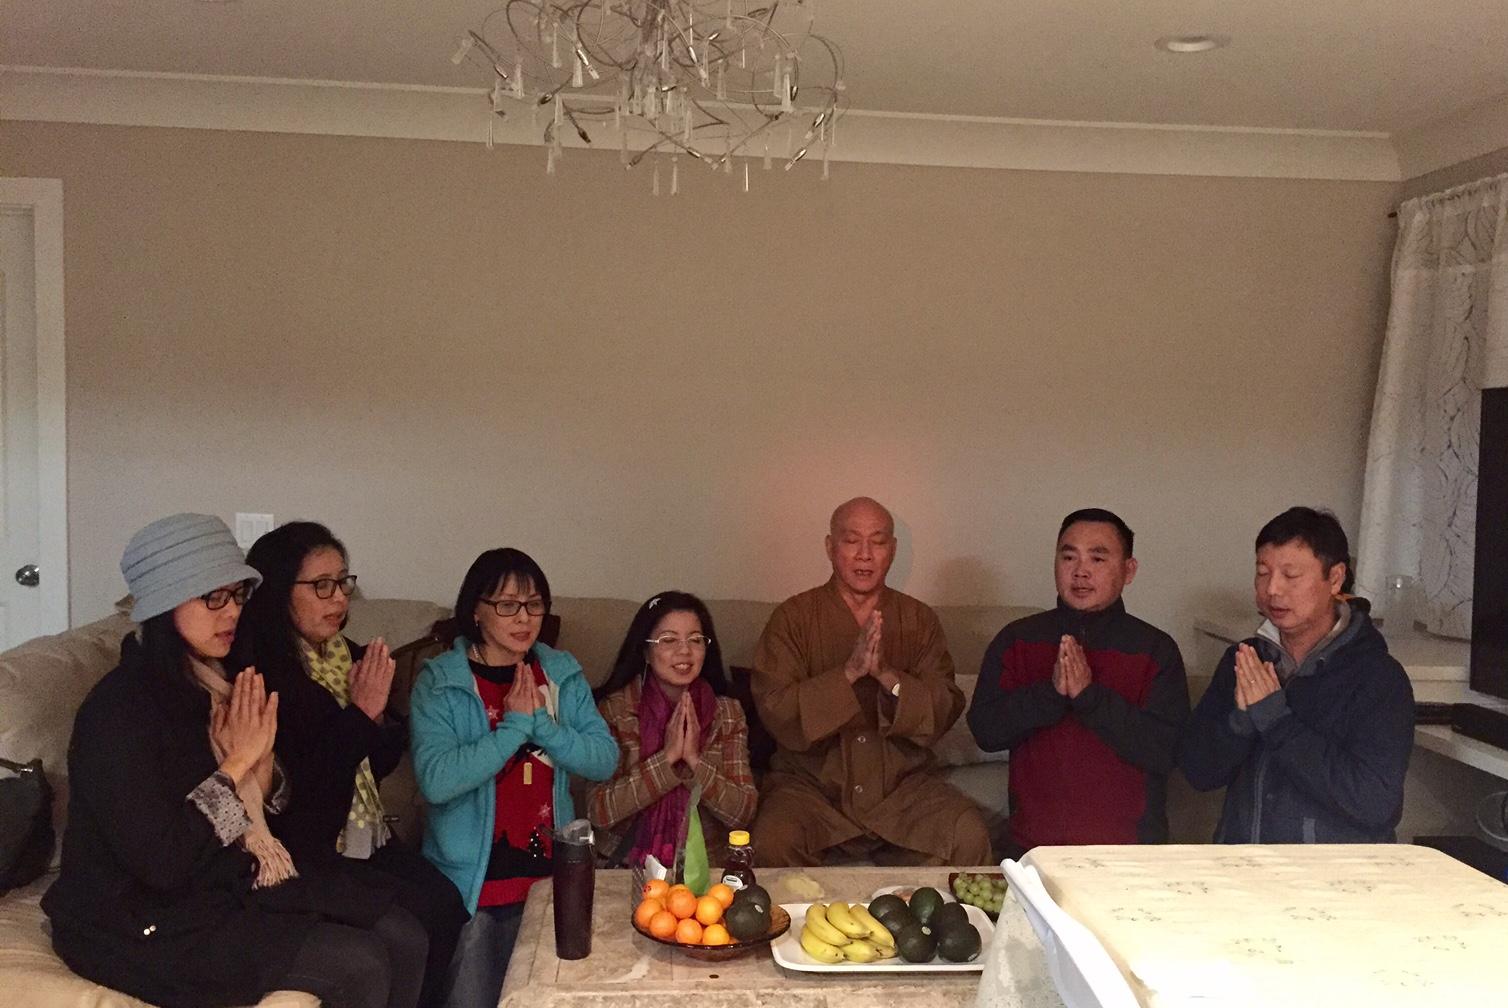 Chuyện kể về sự mầu nhiệm của  pháp môn Niệm Phật cùng Hòa Thượng Thích Quảng Tâm tại Quận Cam